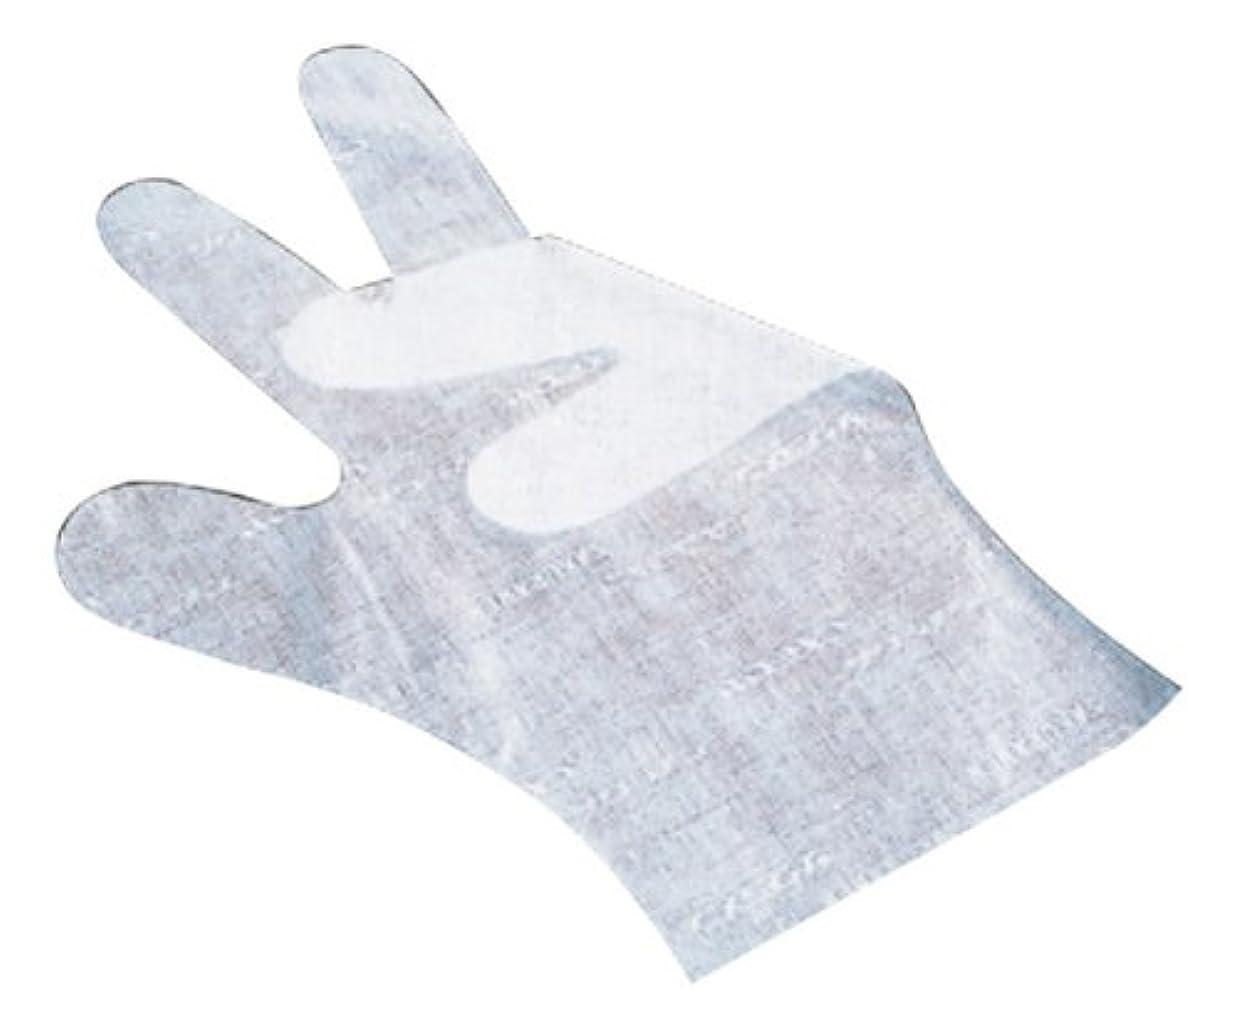 北米競合他社選手ペストサクラメン手袋 デラックス(100枚入)M ホワイト 35μ